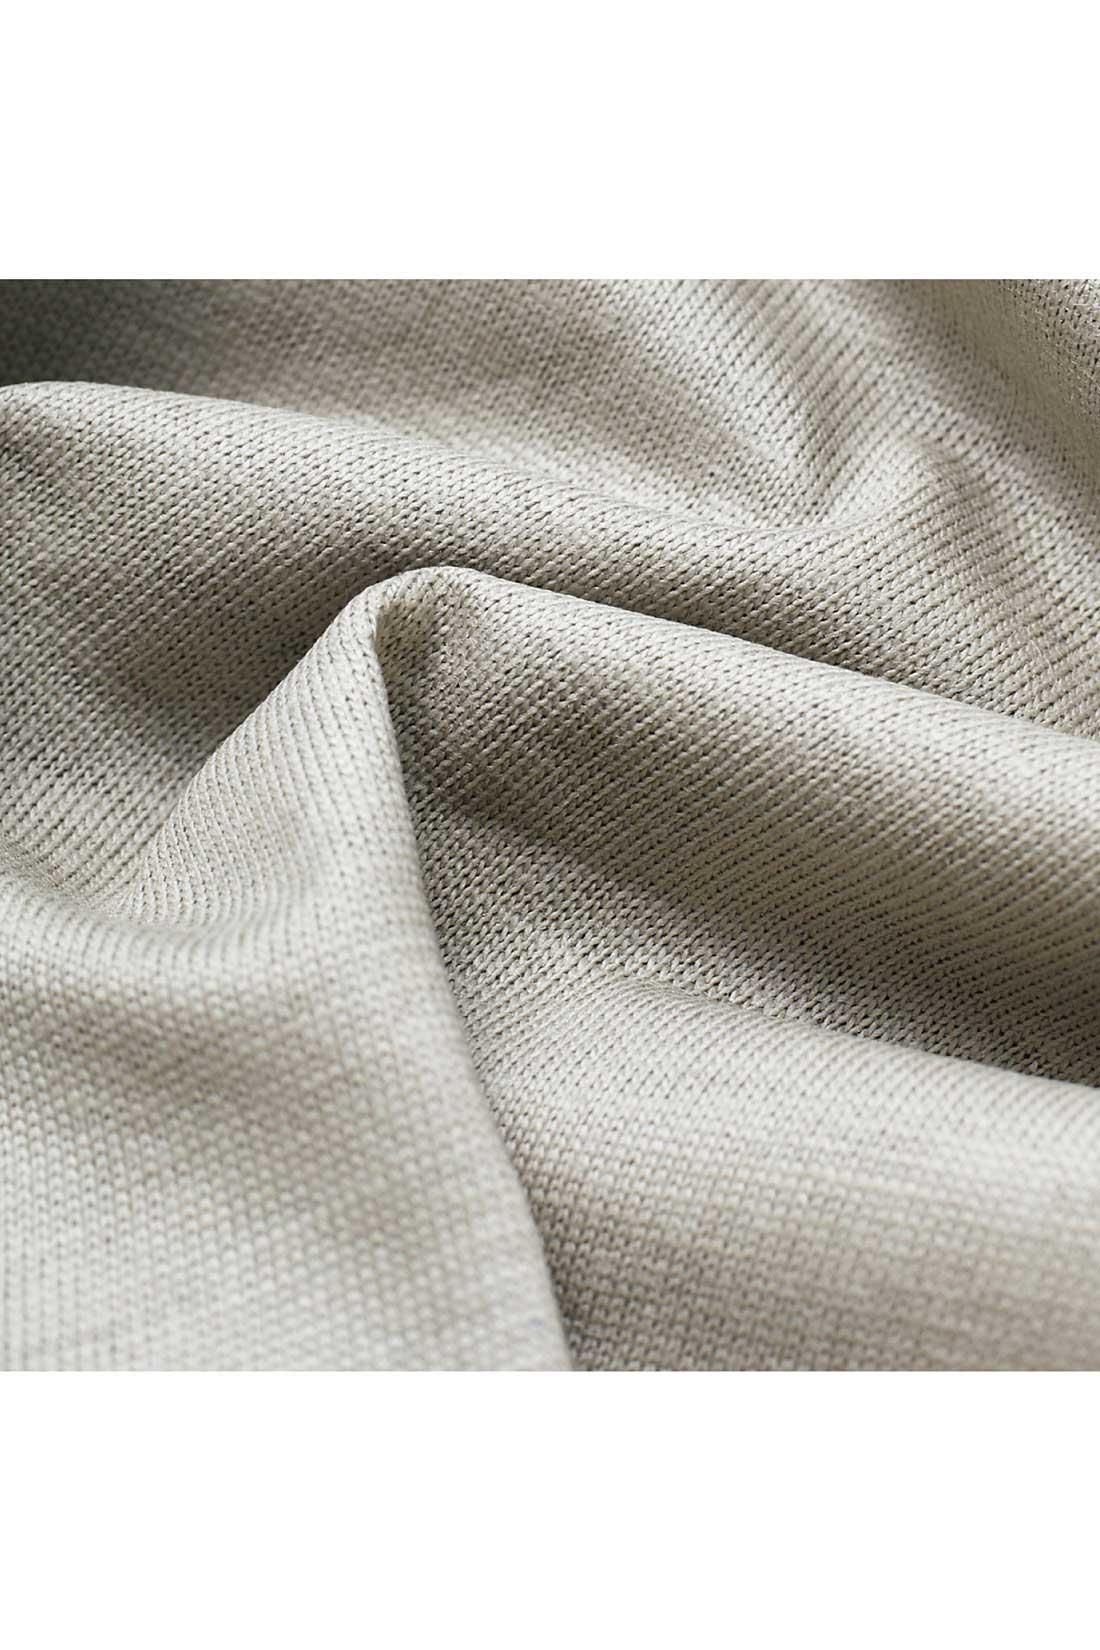 〈ペーパー天じく〉綿100%の高密度な天じく素材の表面に、ポリウレタンコーティングをほどこした張りのあるクリスピーな質感が特徴。Tシャツのようなカジュアルなアイテムもラフになりすぎず、クリーンな雰囲気できれいめに楽しめるのが新鮮。 ※お届けするカラーとは異なります。